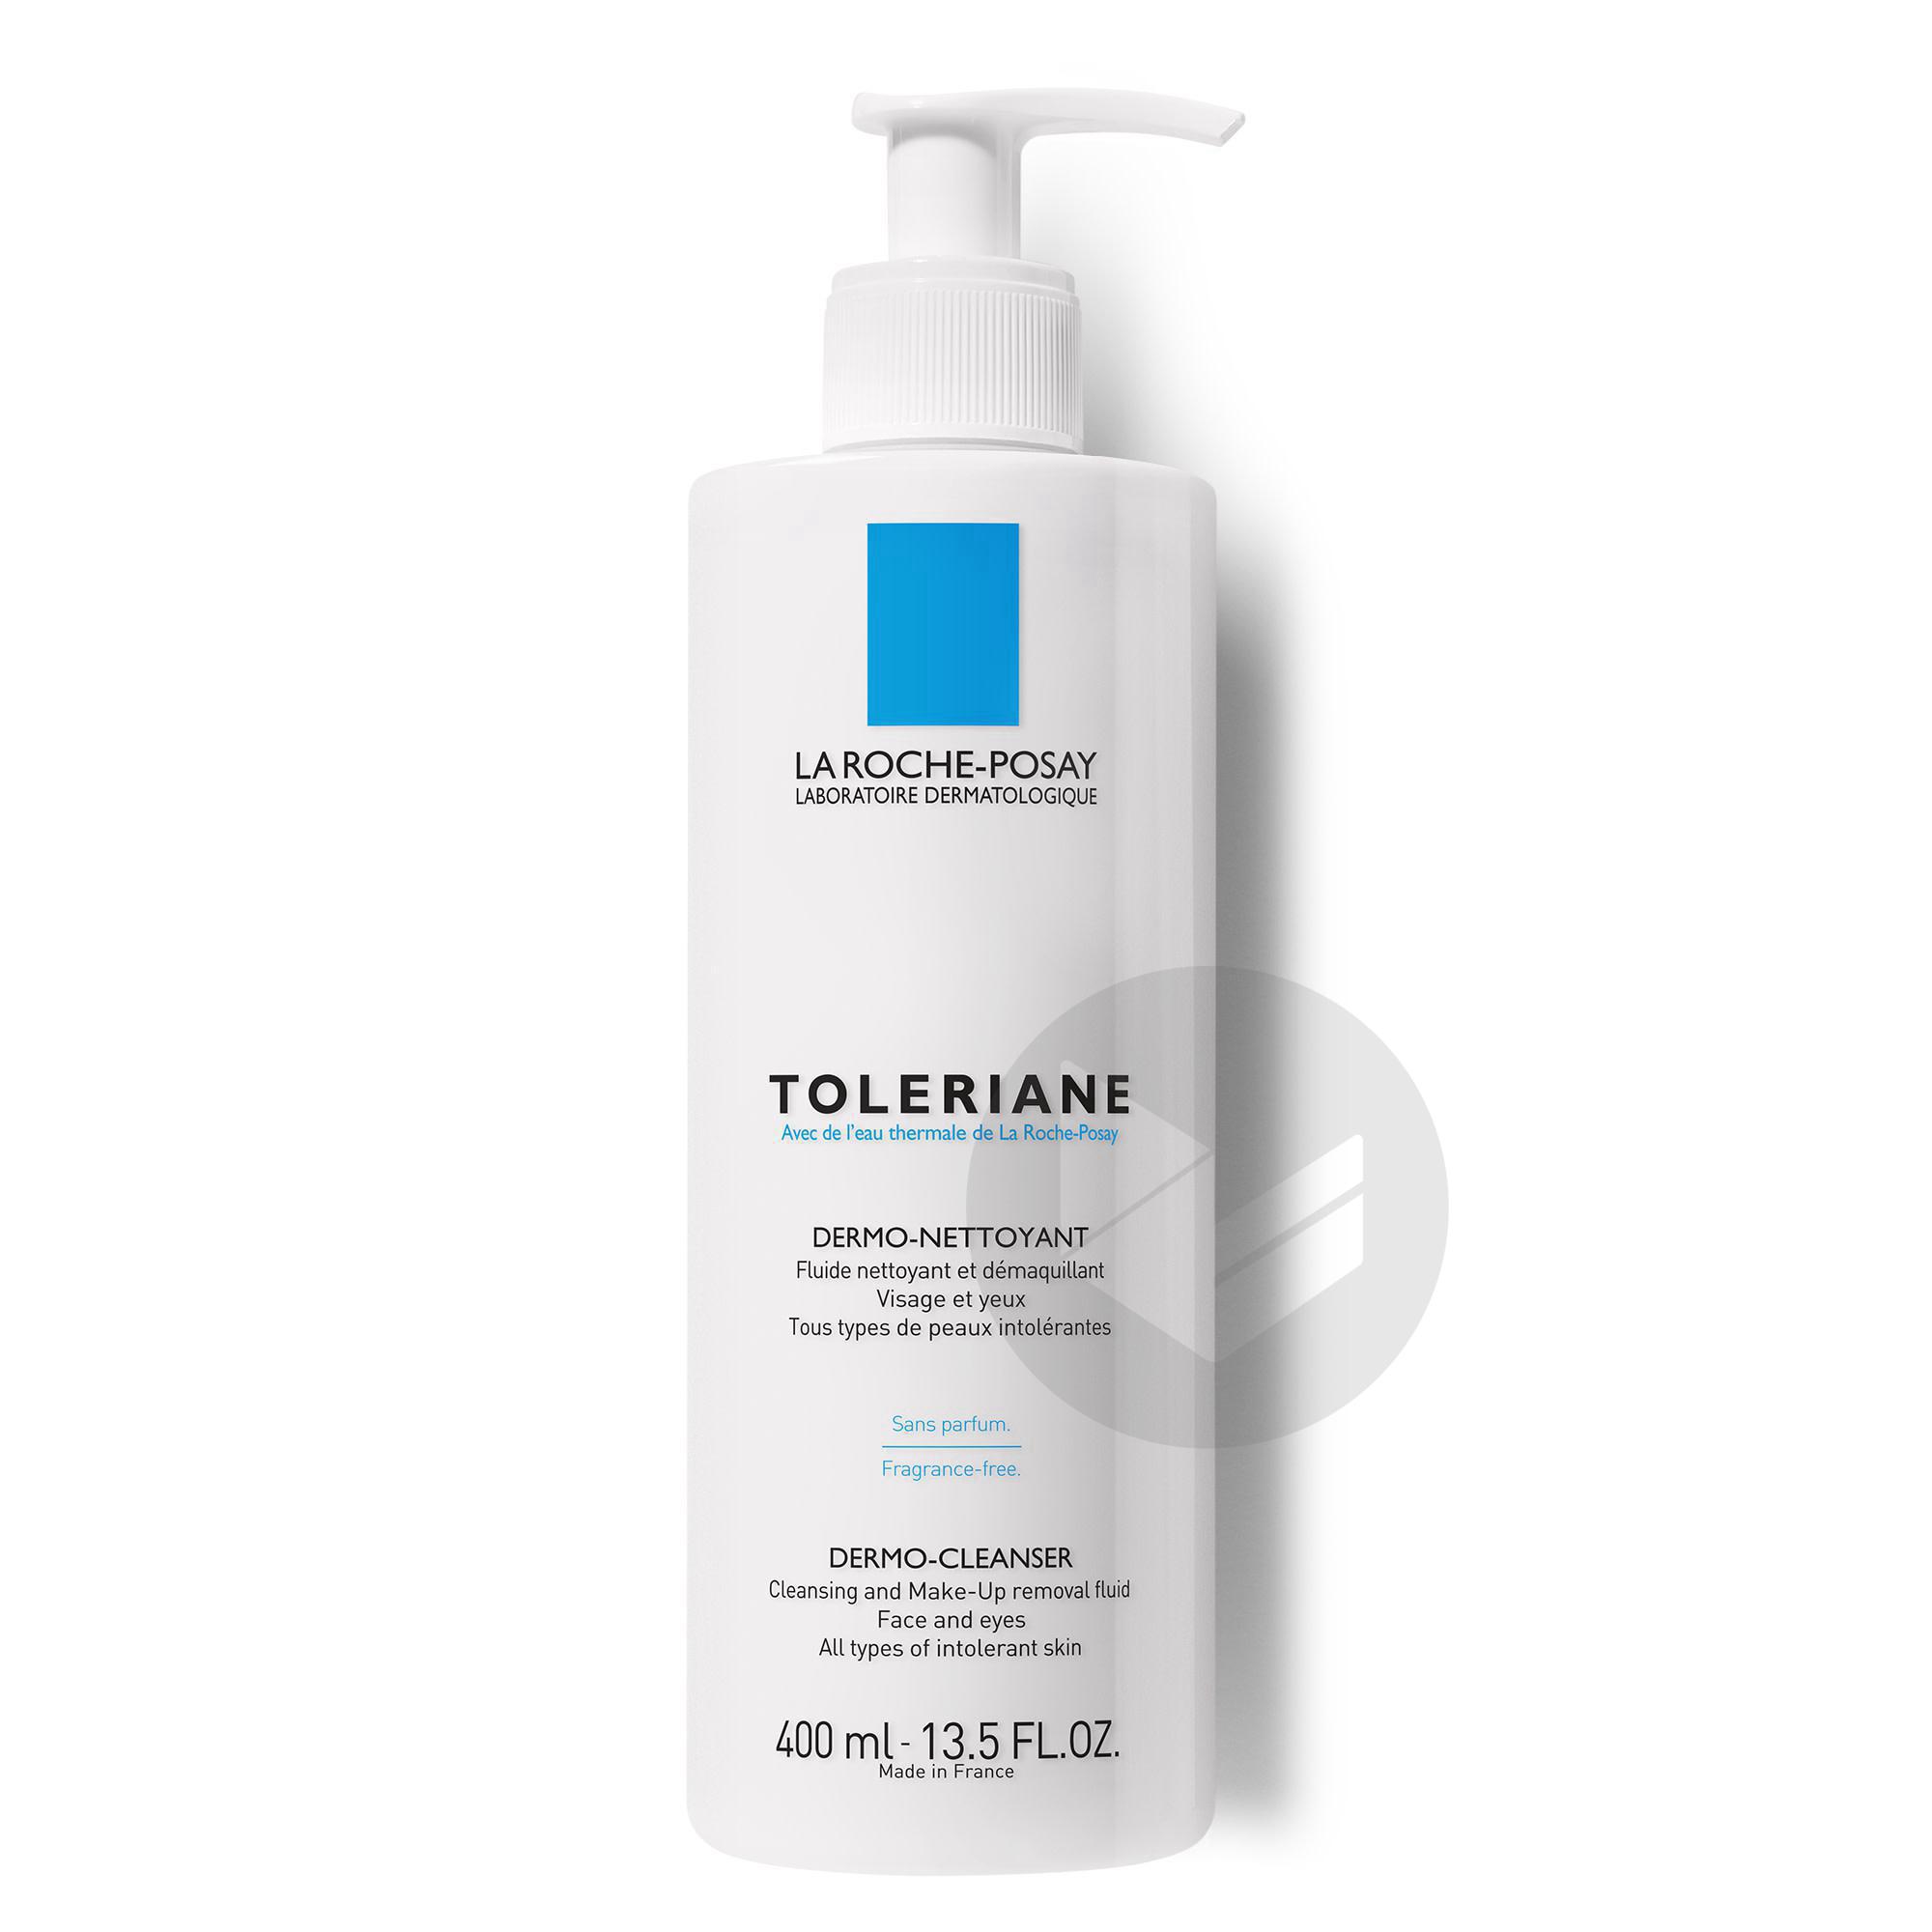 Toleriane Fluide Nettoyant Et Demaquillant Peaux Sensibles A Intolerantes 400 Ml